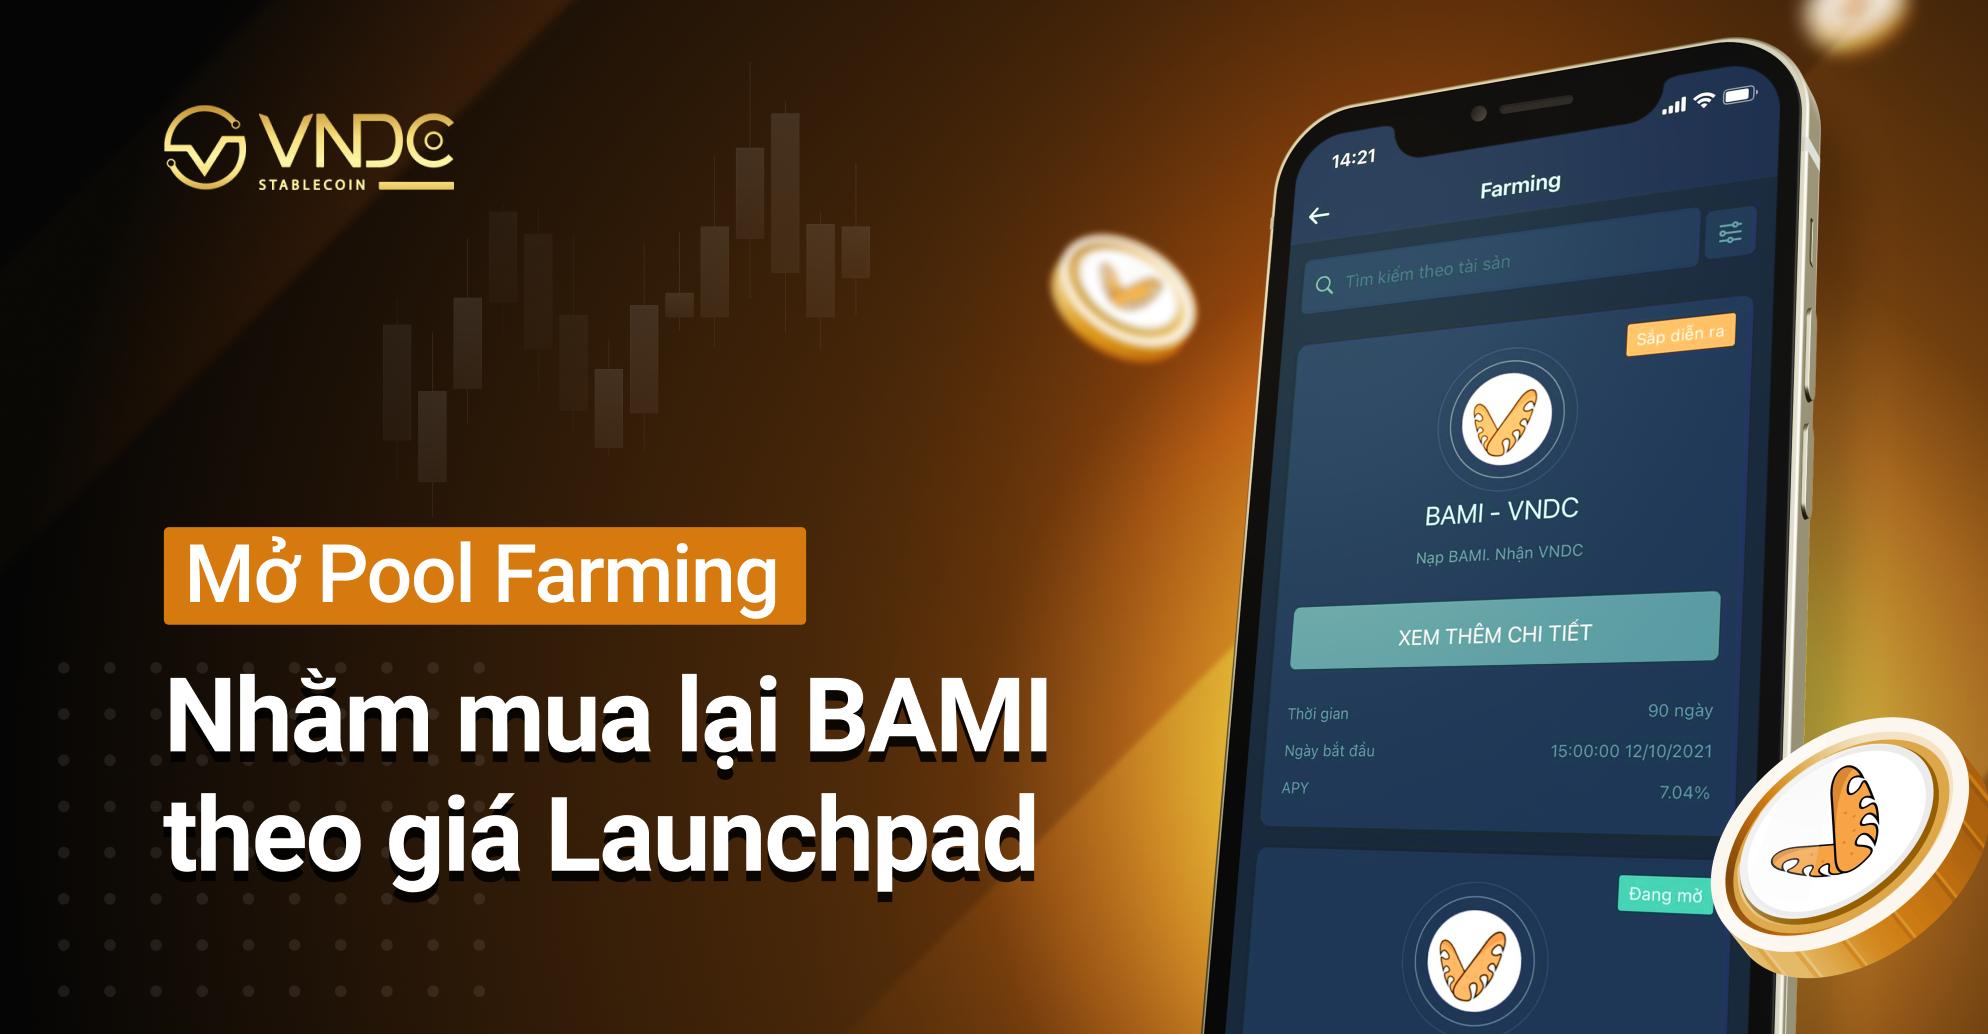 Mở Farming Pool nhằm mua lại BAMI theo giá Launchpad